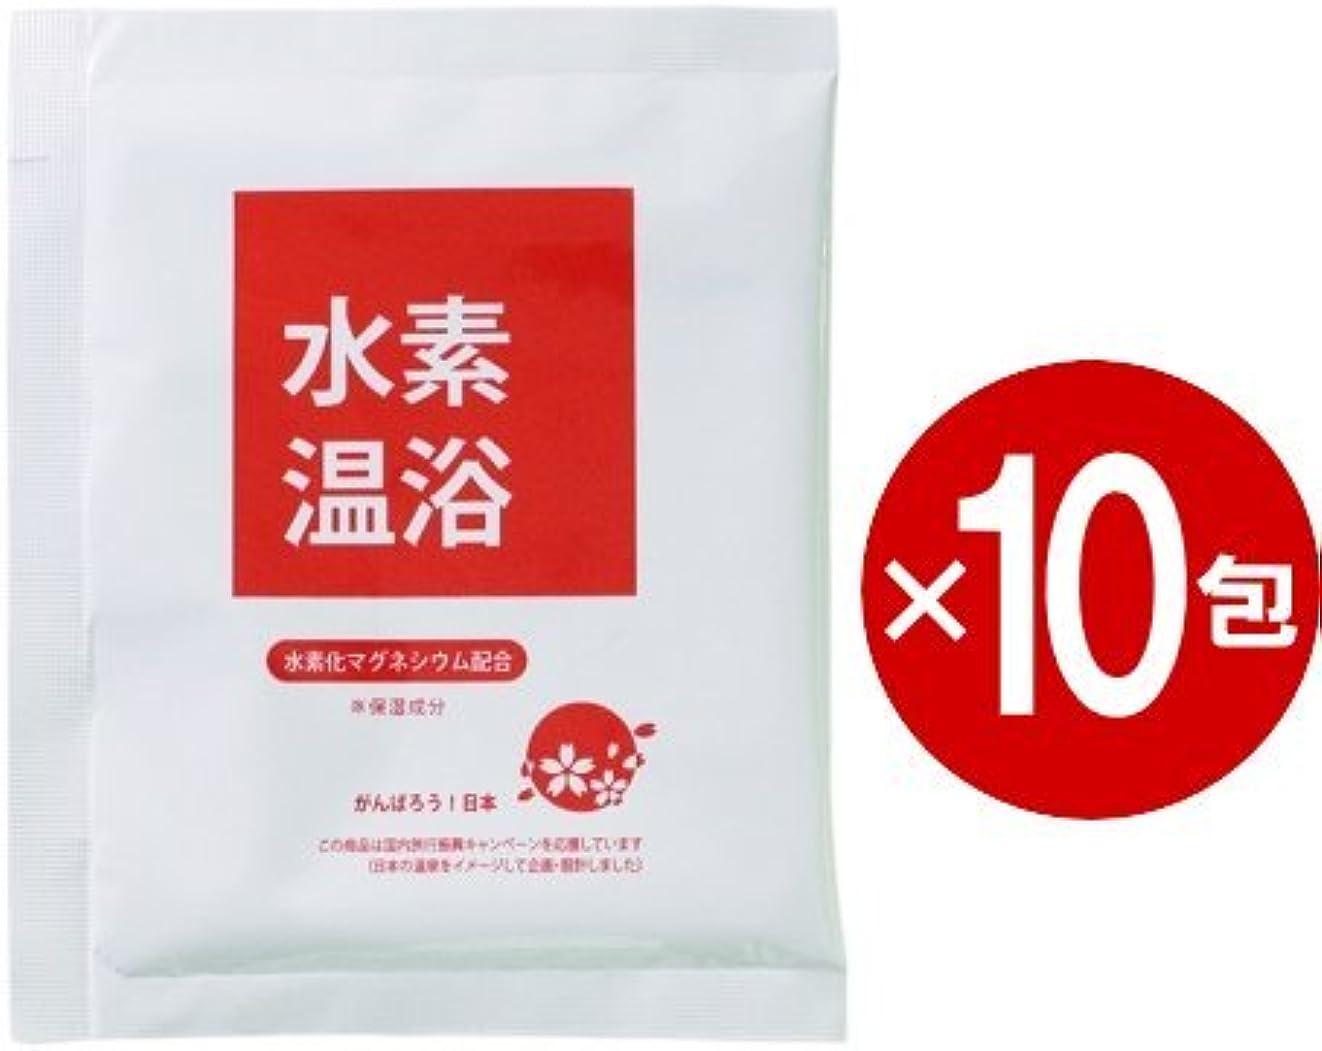 分数戦争みなさん水素温浴 【水素化マグネシウム配合】入浴剤10袋入り (限定お試し価格)